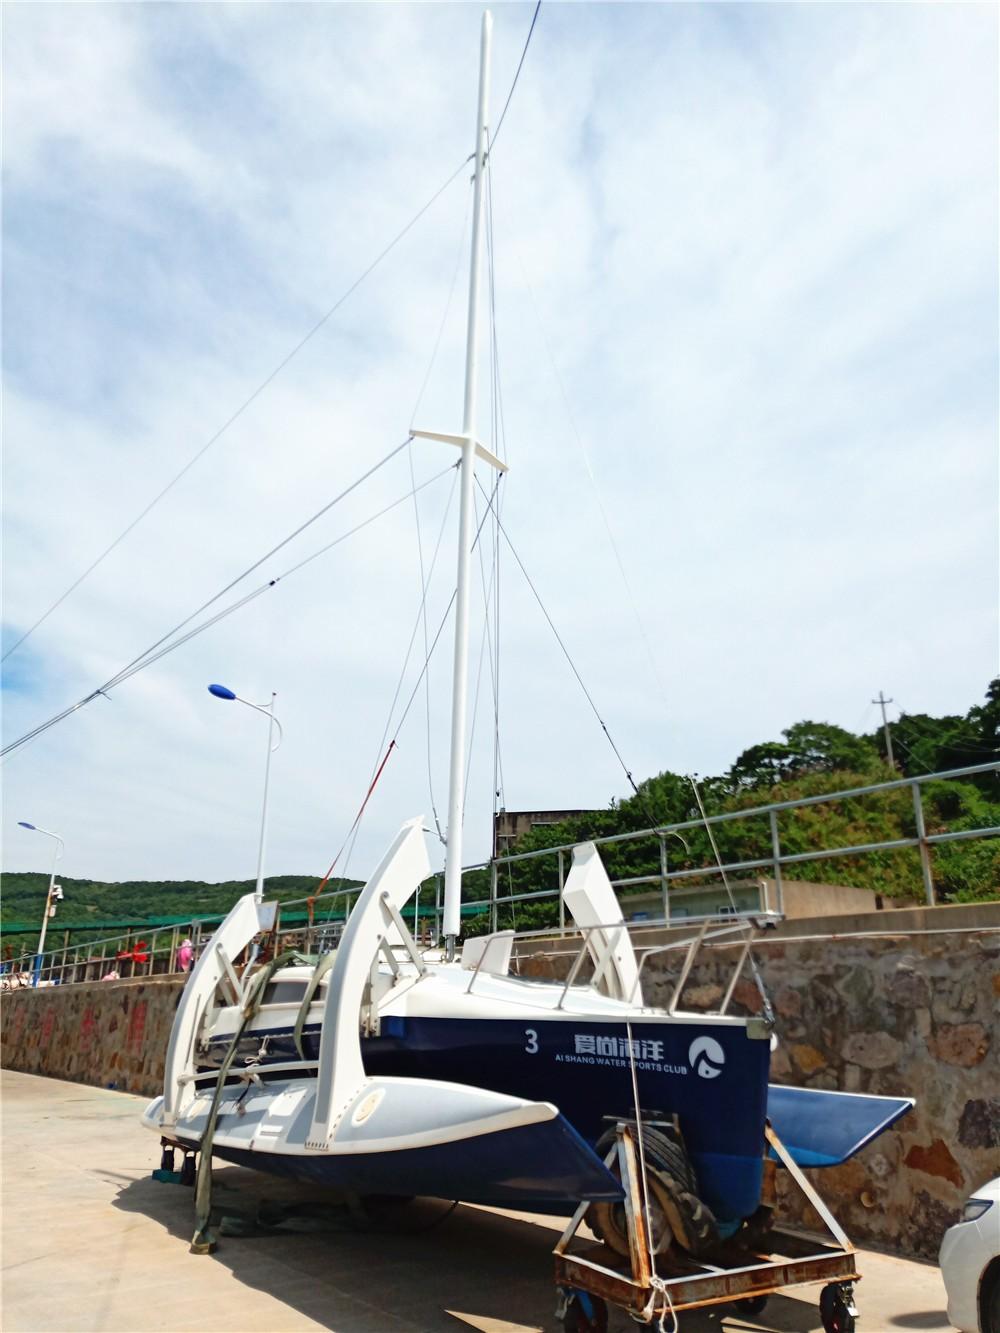 下水,随时,全新,要的,航行 全新二手国产三体29尺帆船 船侧首 223227q6umv11bzcbfm6bf